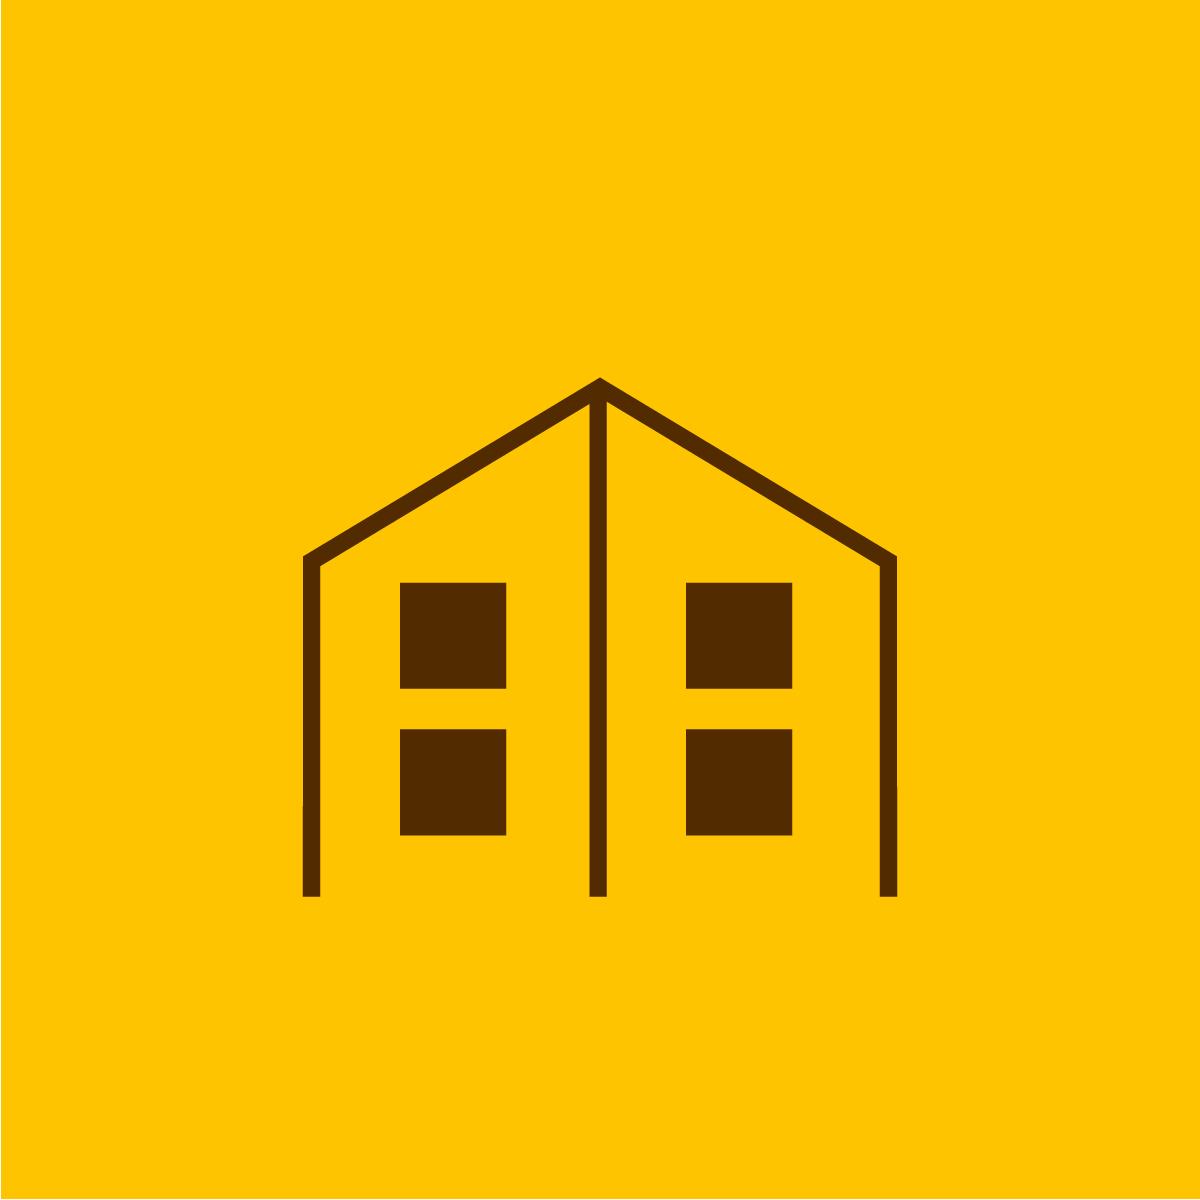 Doppelhaus-Icon der BRALE Bau GmbH